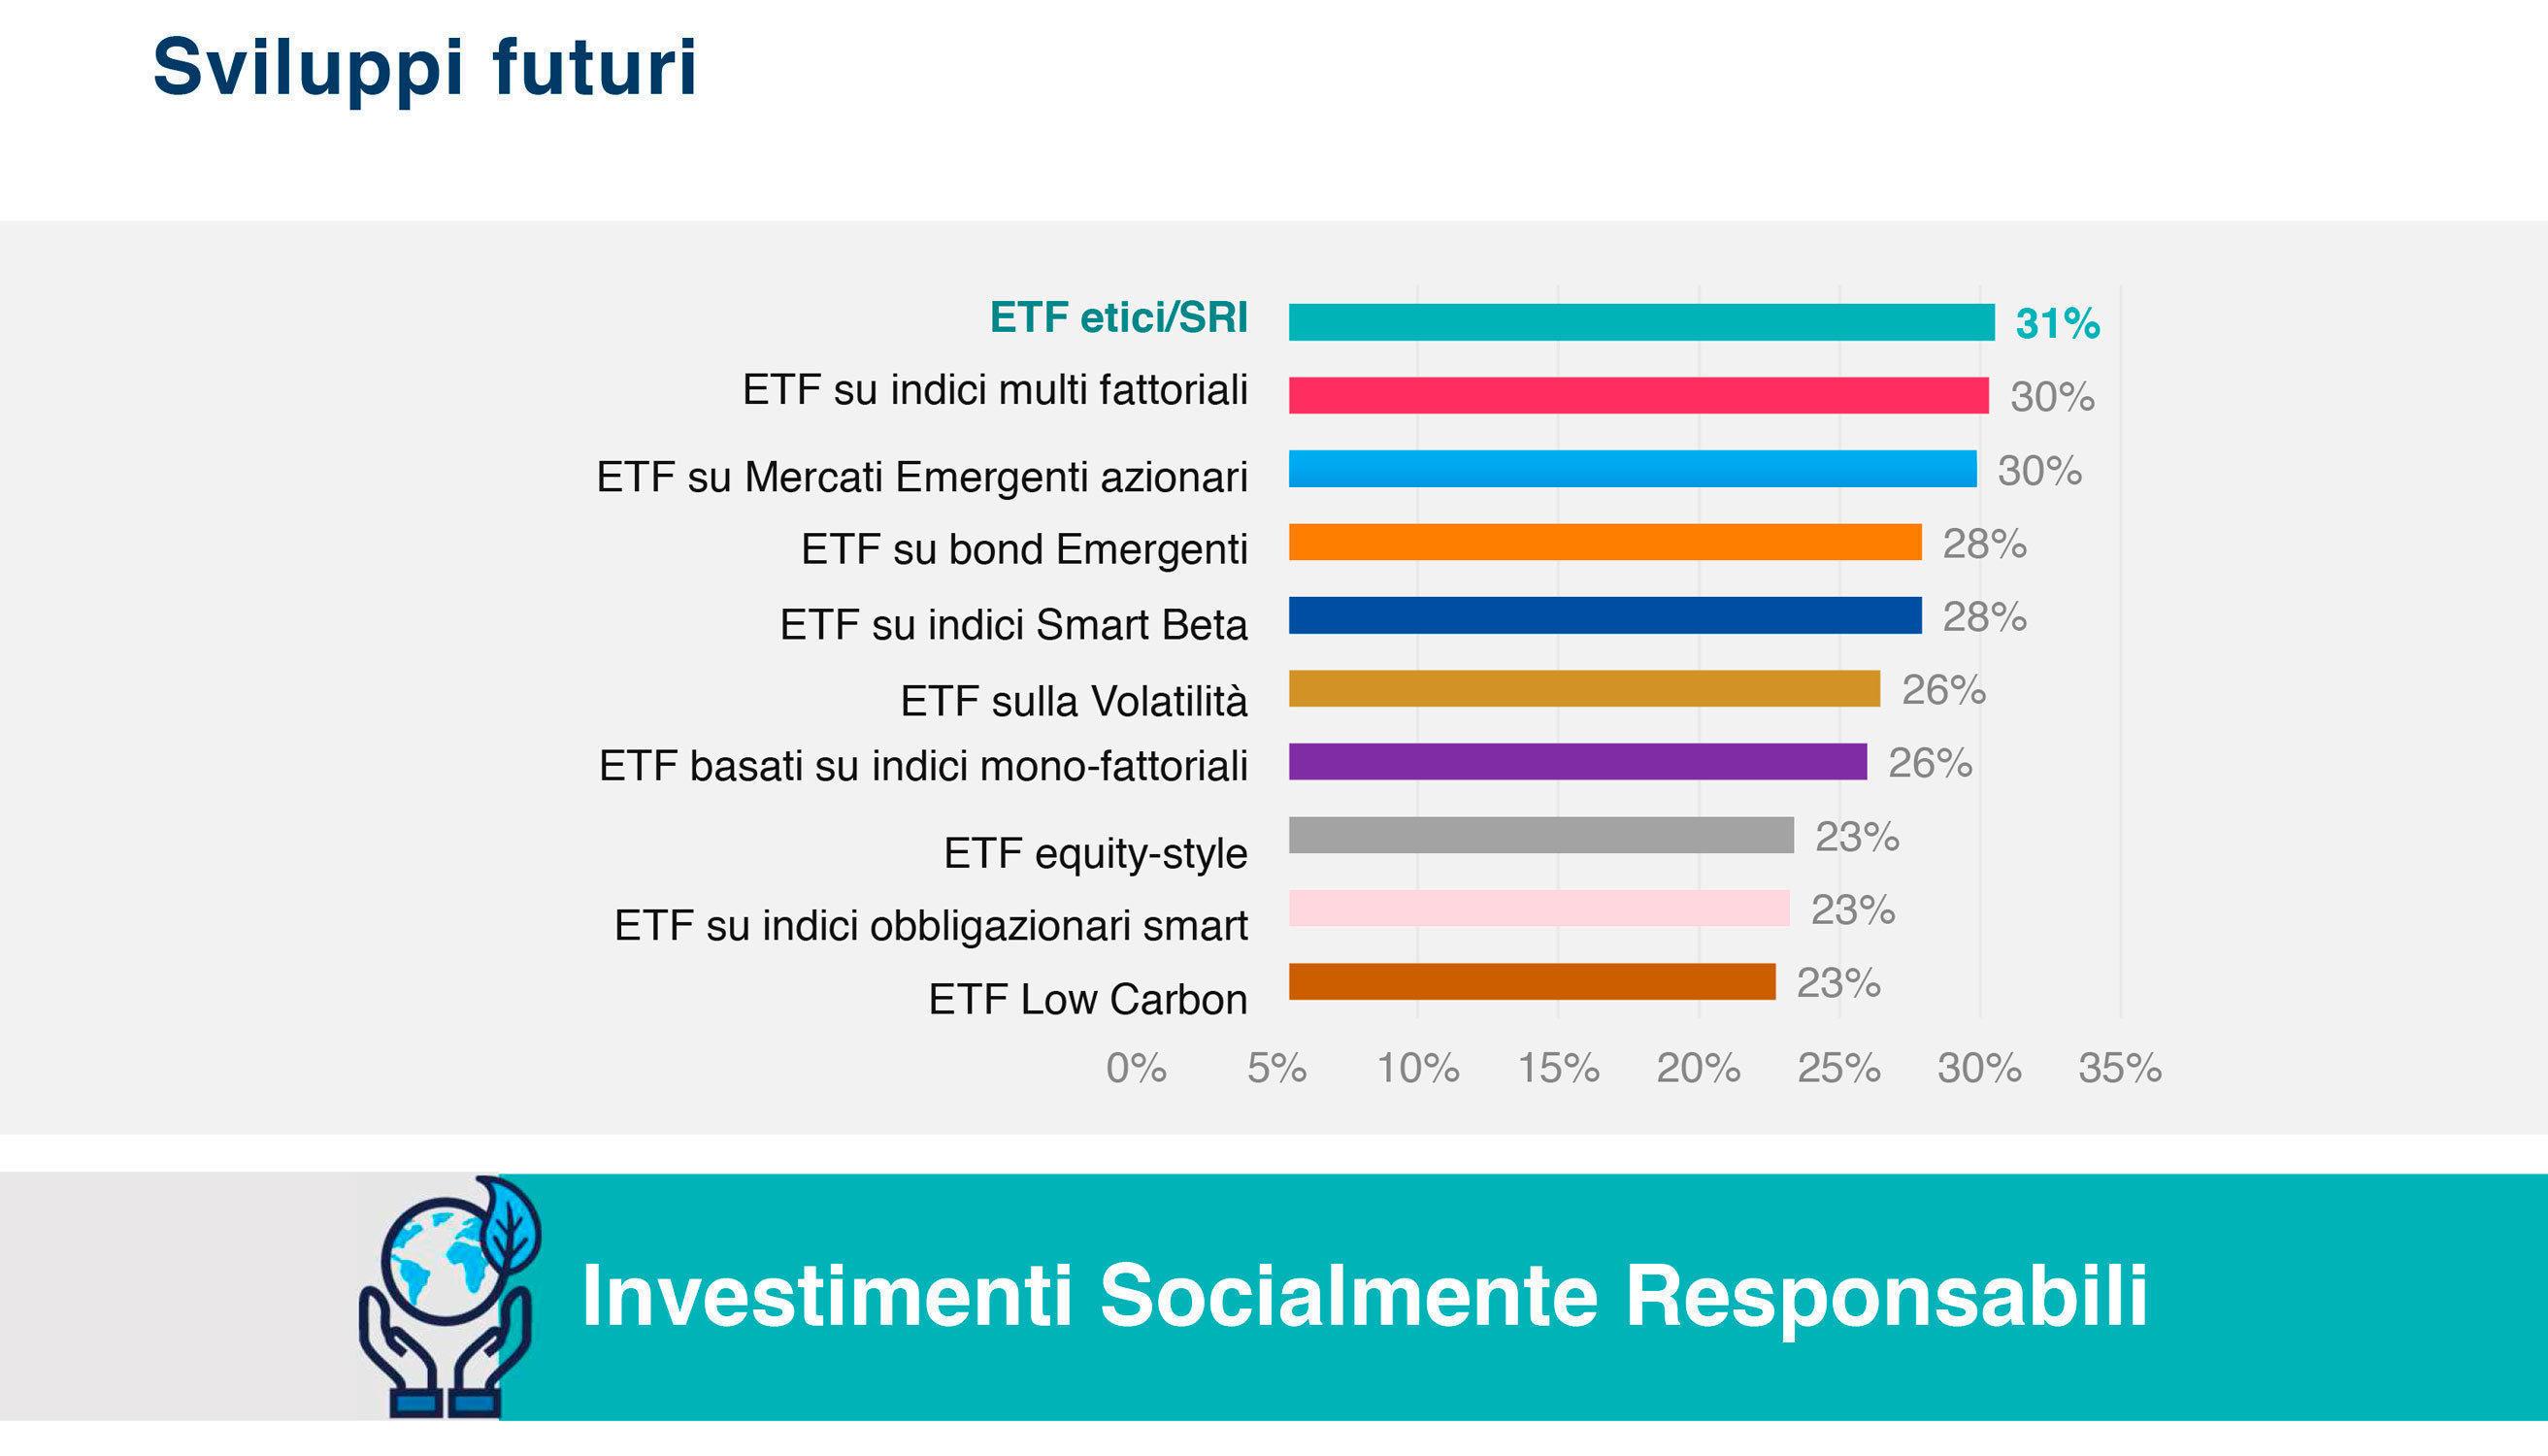 Amundi ETF 18